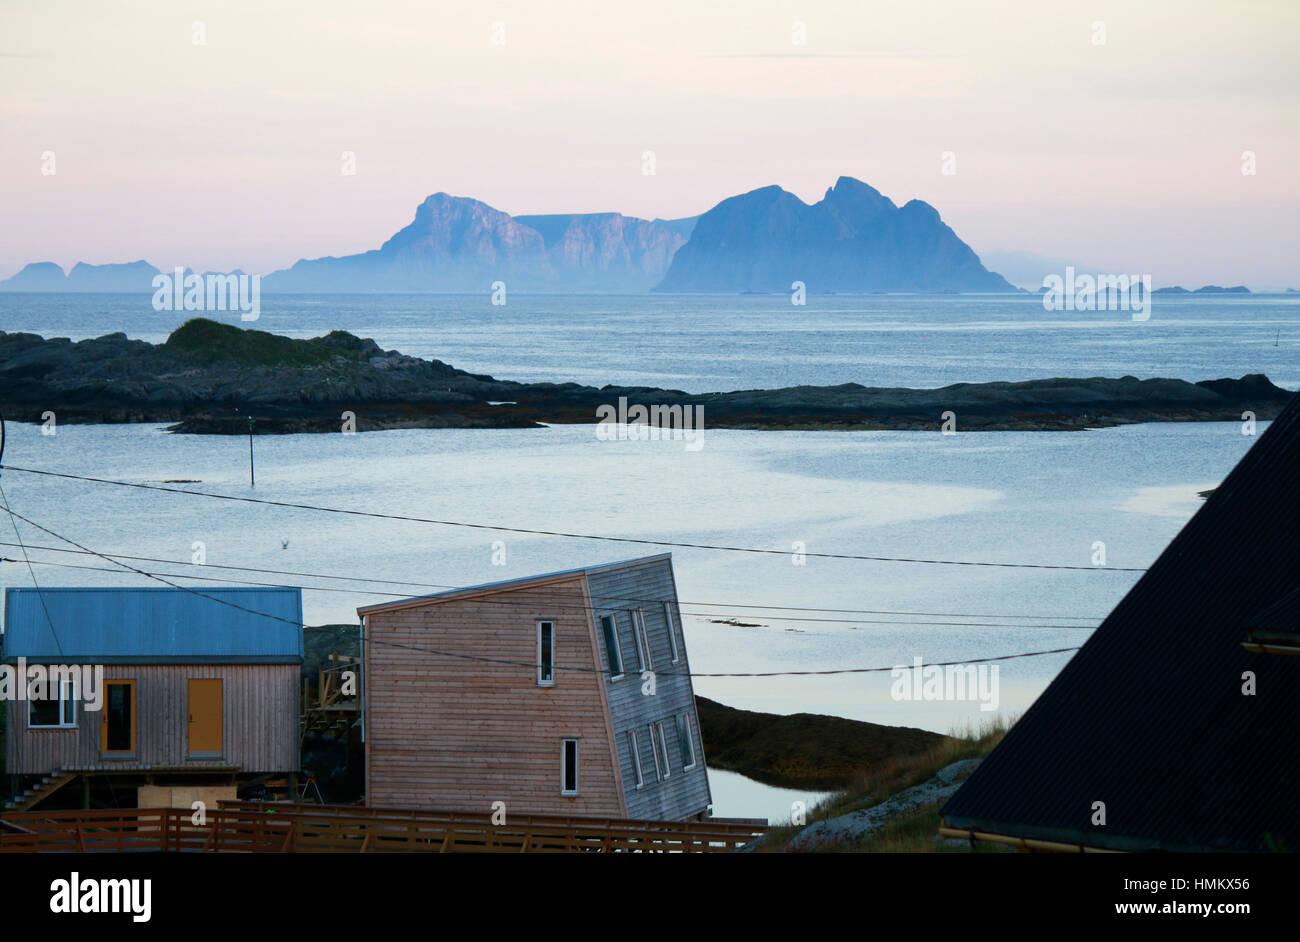 Impressionen: Mitternachtssonne, im Hintergrund die Inseln Sorland und Rost, Lofoten, Norwegen. - Stock Image